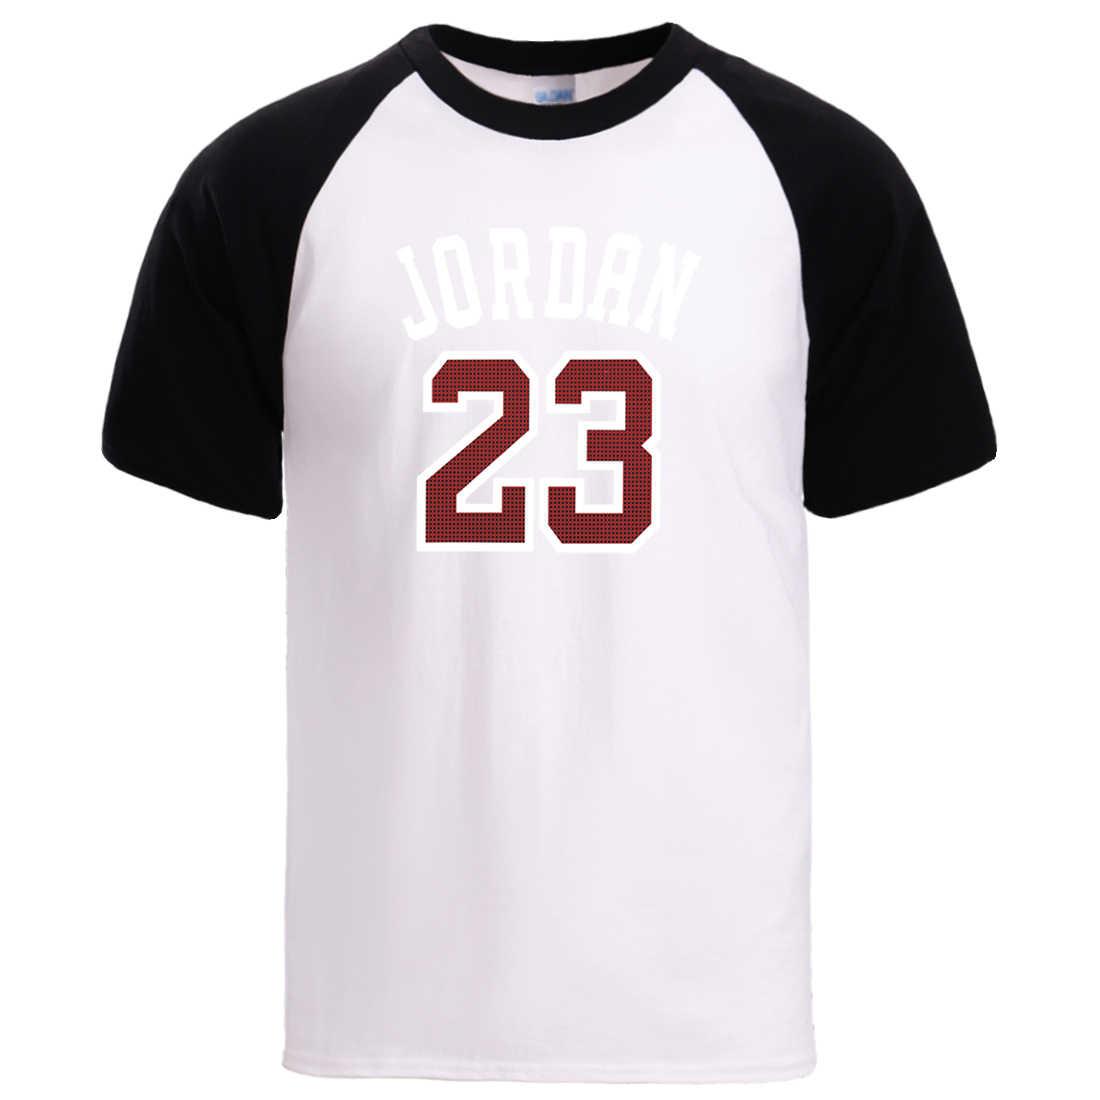 Jordan 23 camisas dos homens t verão manga curta raglan tshirts streetwear para homem 2020 moda de alta qualidade algodão t camisa solta